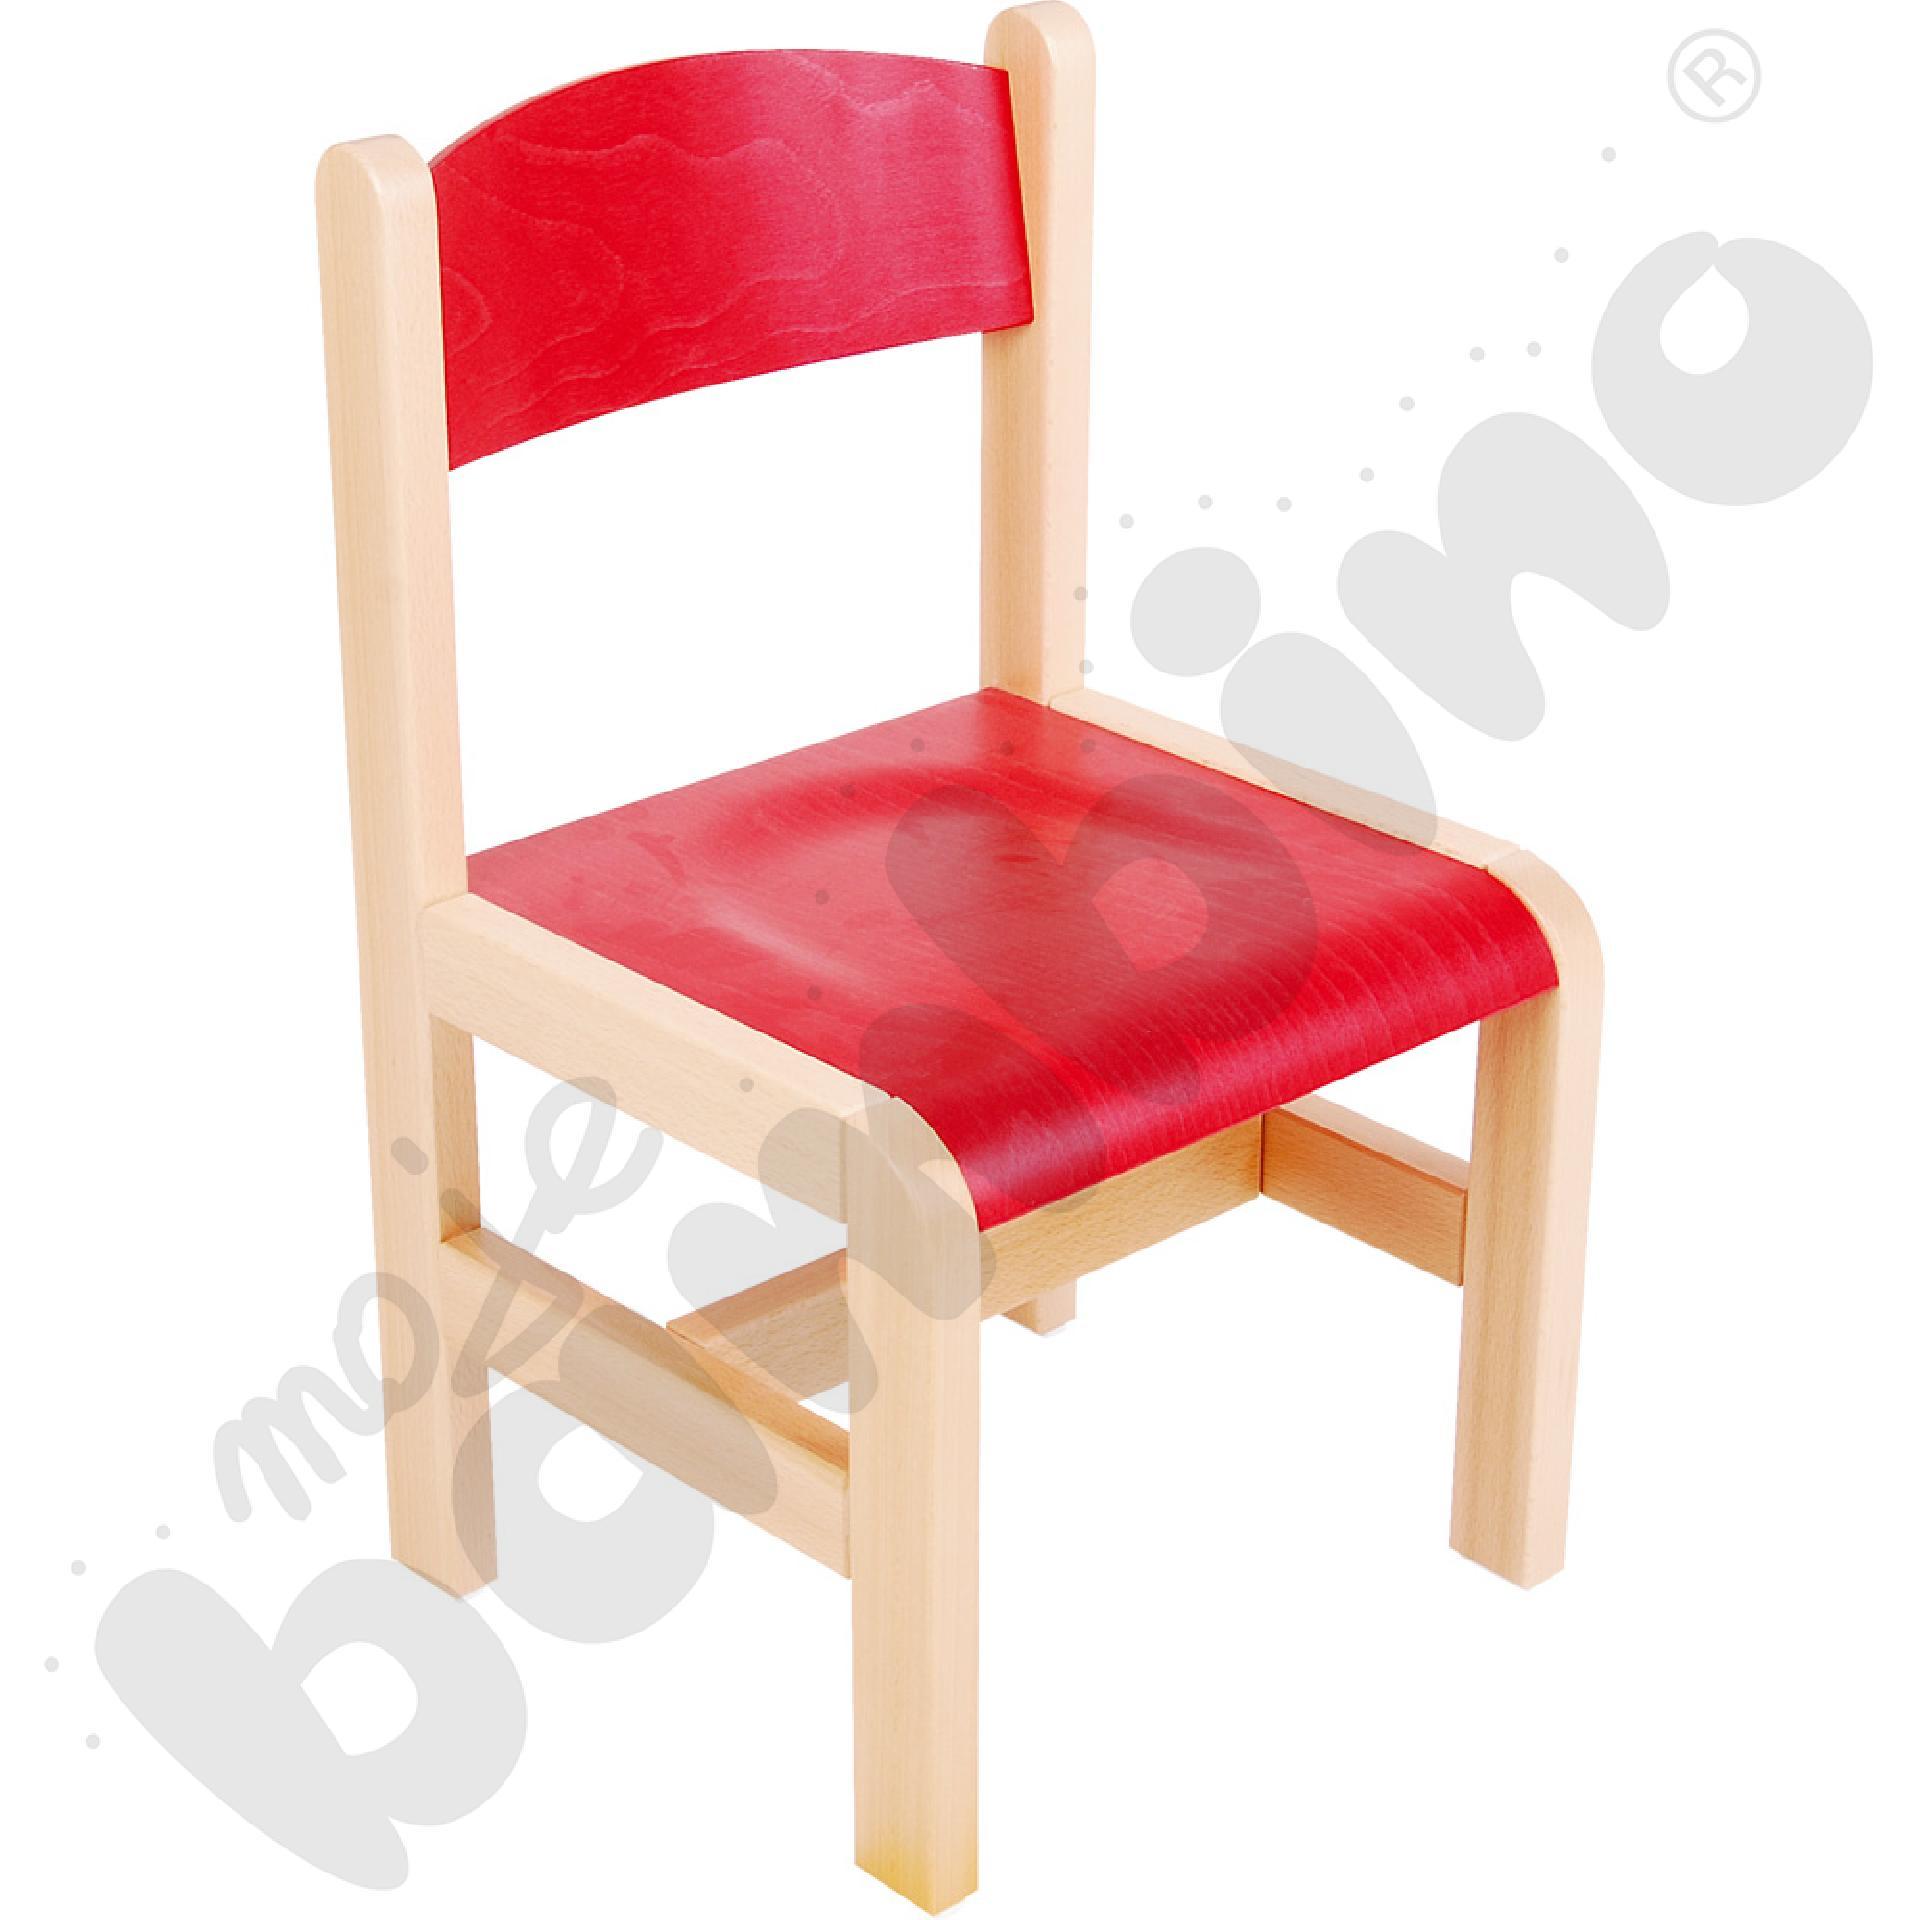 Krzesło drewniane czerwone rozm. 1